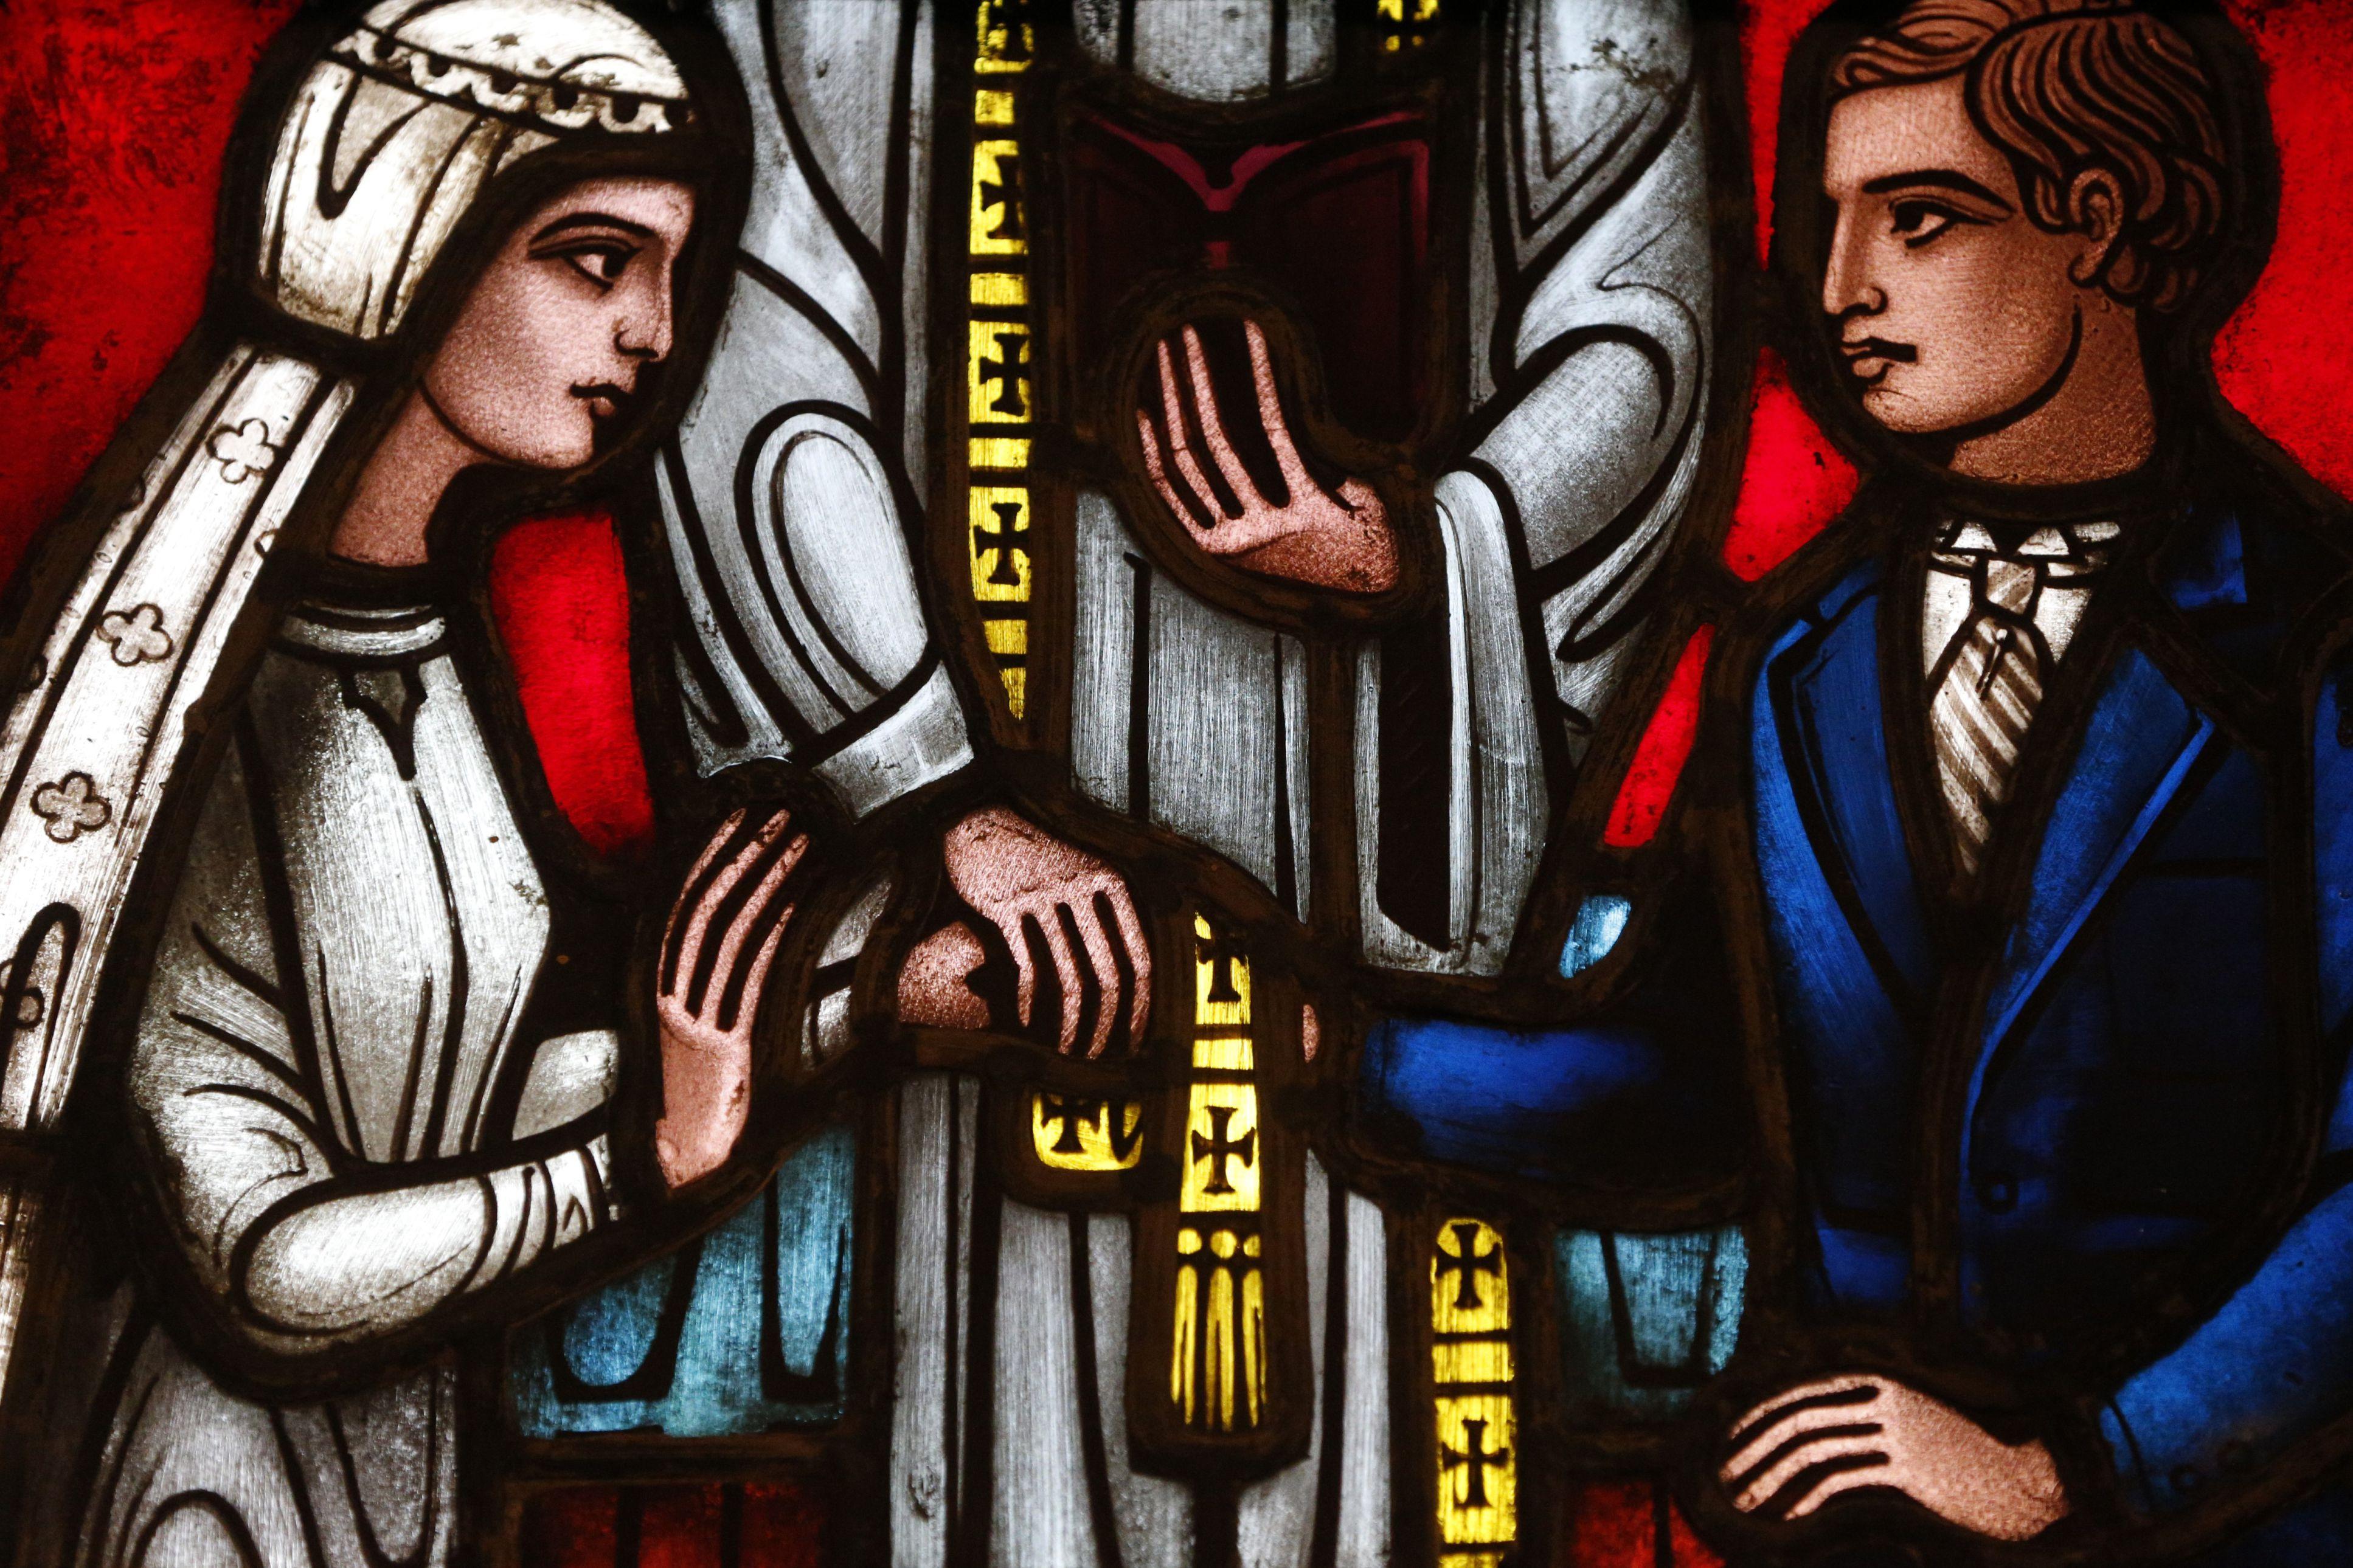 Matrimonio Catolico Misa : Preguntas sobre la ceremonia católica del matrimonio